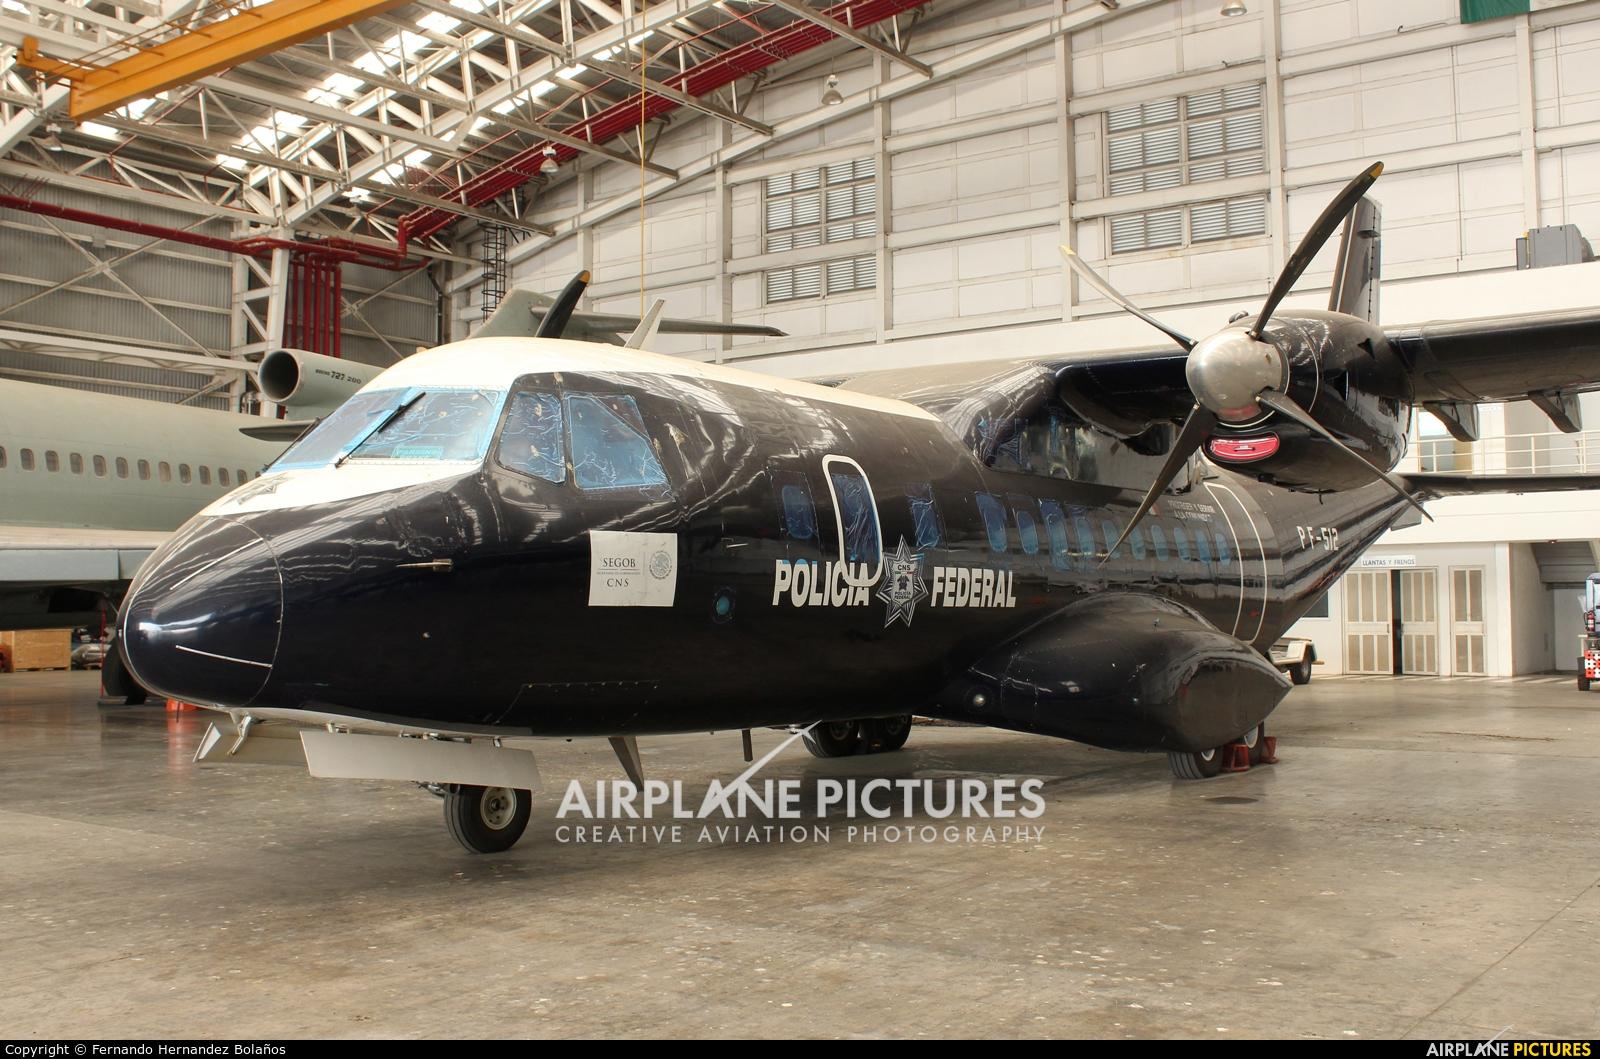 Mexico - Police PF-512 aircraft at Mexico City - Licenciado Benito Juarez Intl